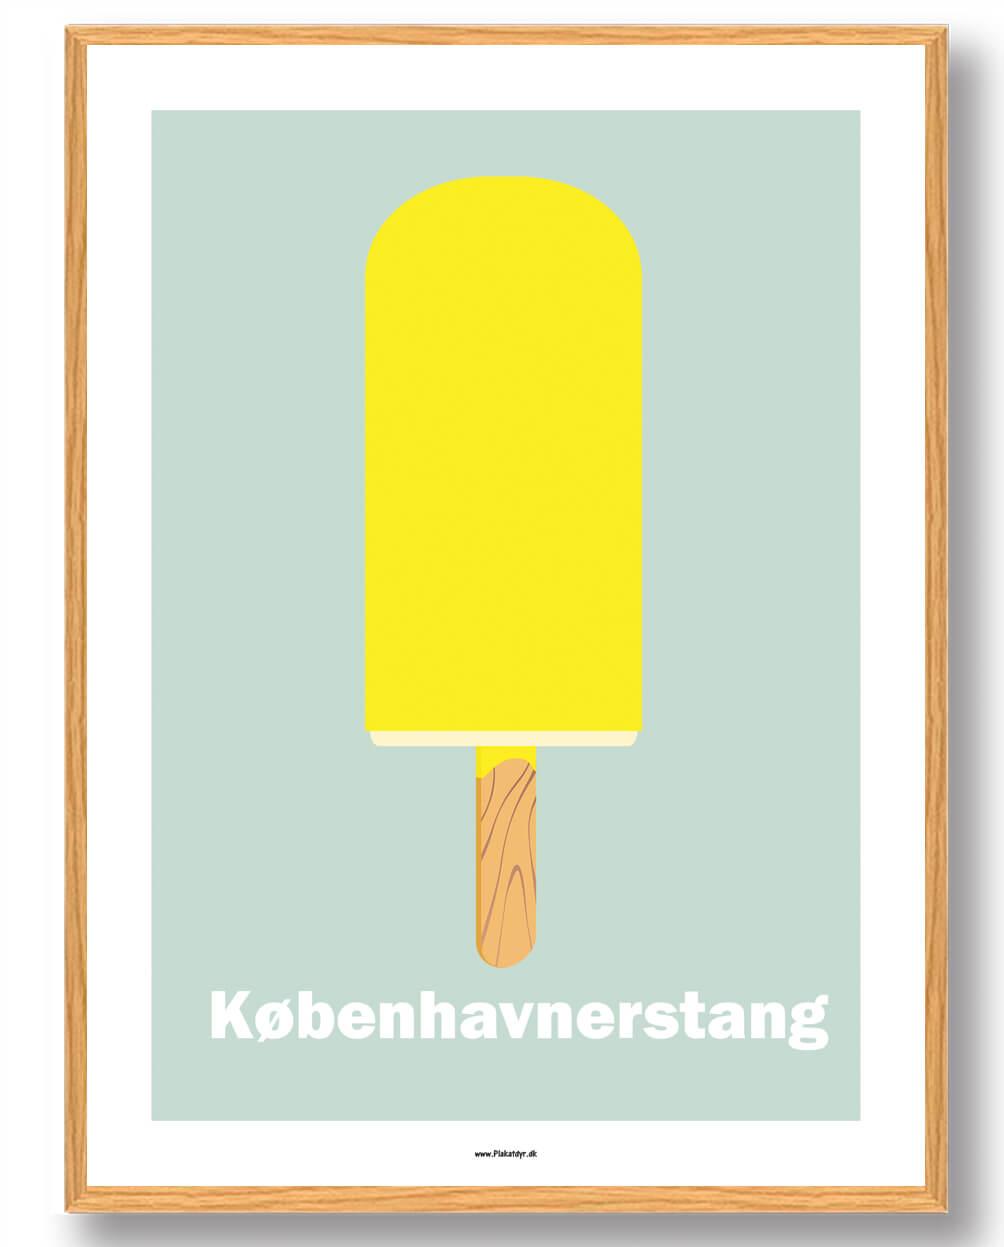 Københavnerstang - plakat